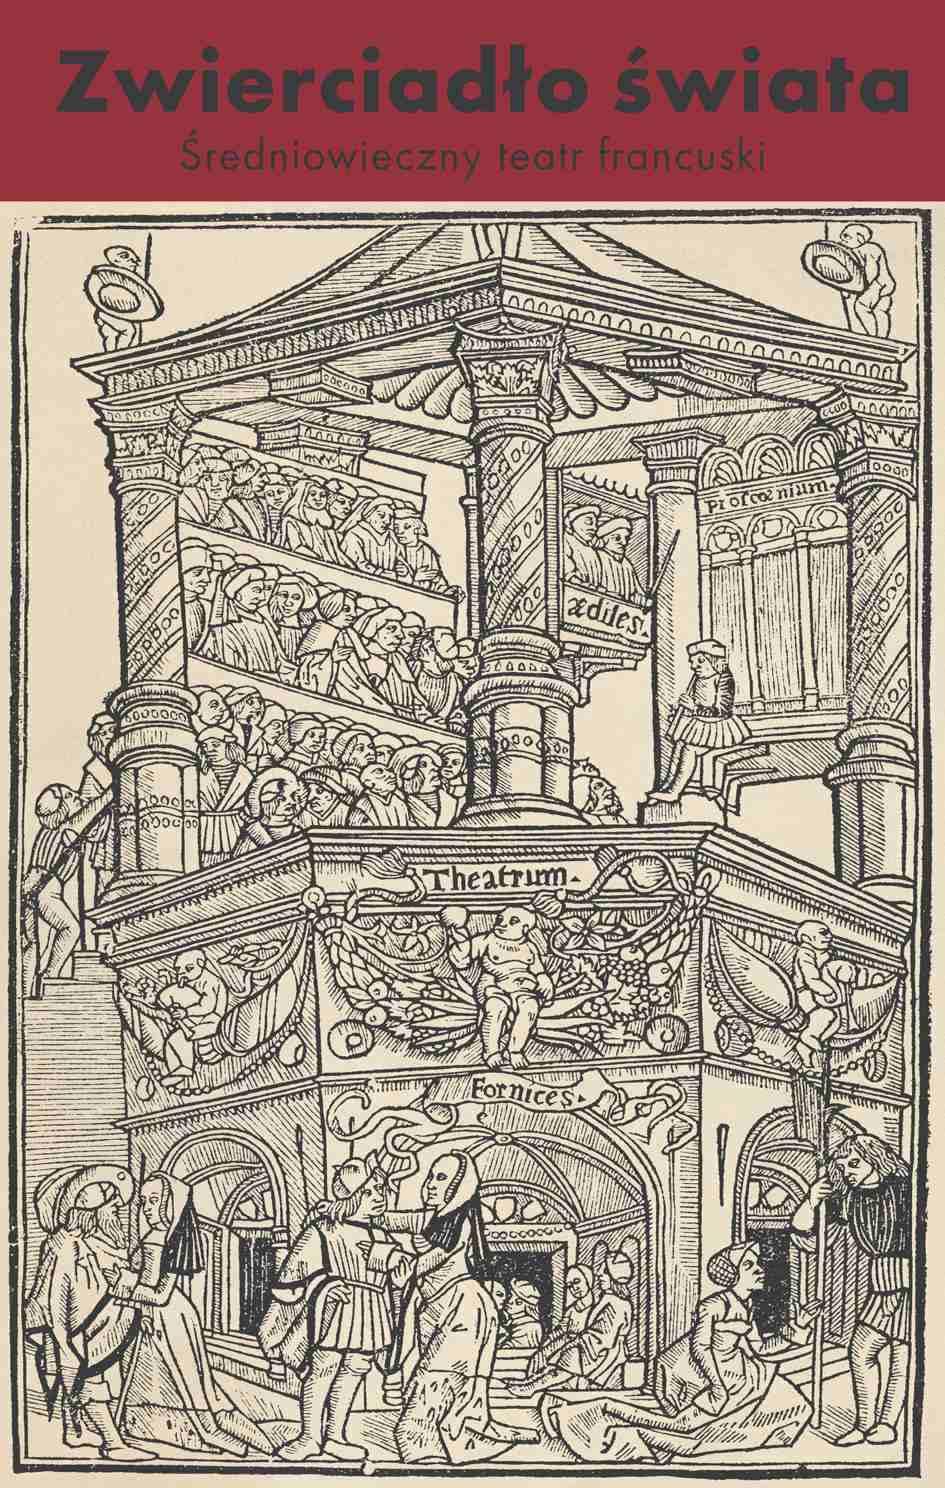 Zwierciadło świata. Średniowieczny teatr francuski - Ebook (Książka na Kindle) do pobrania w formacie MOBI